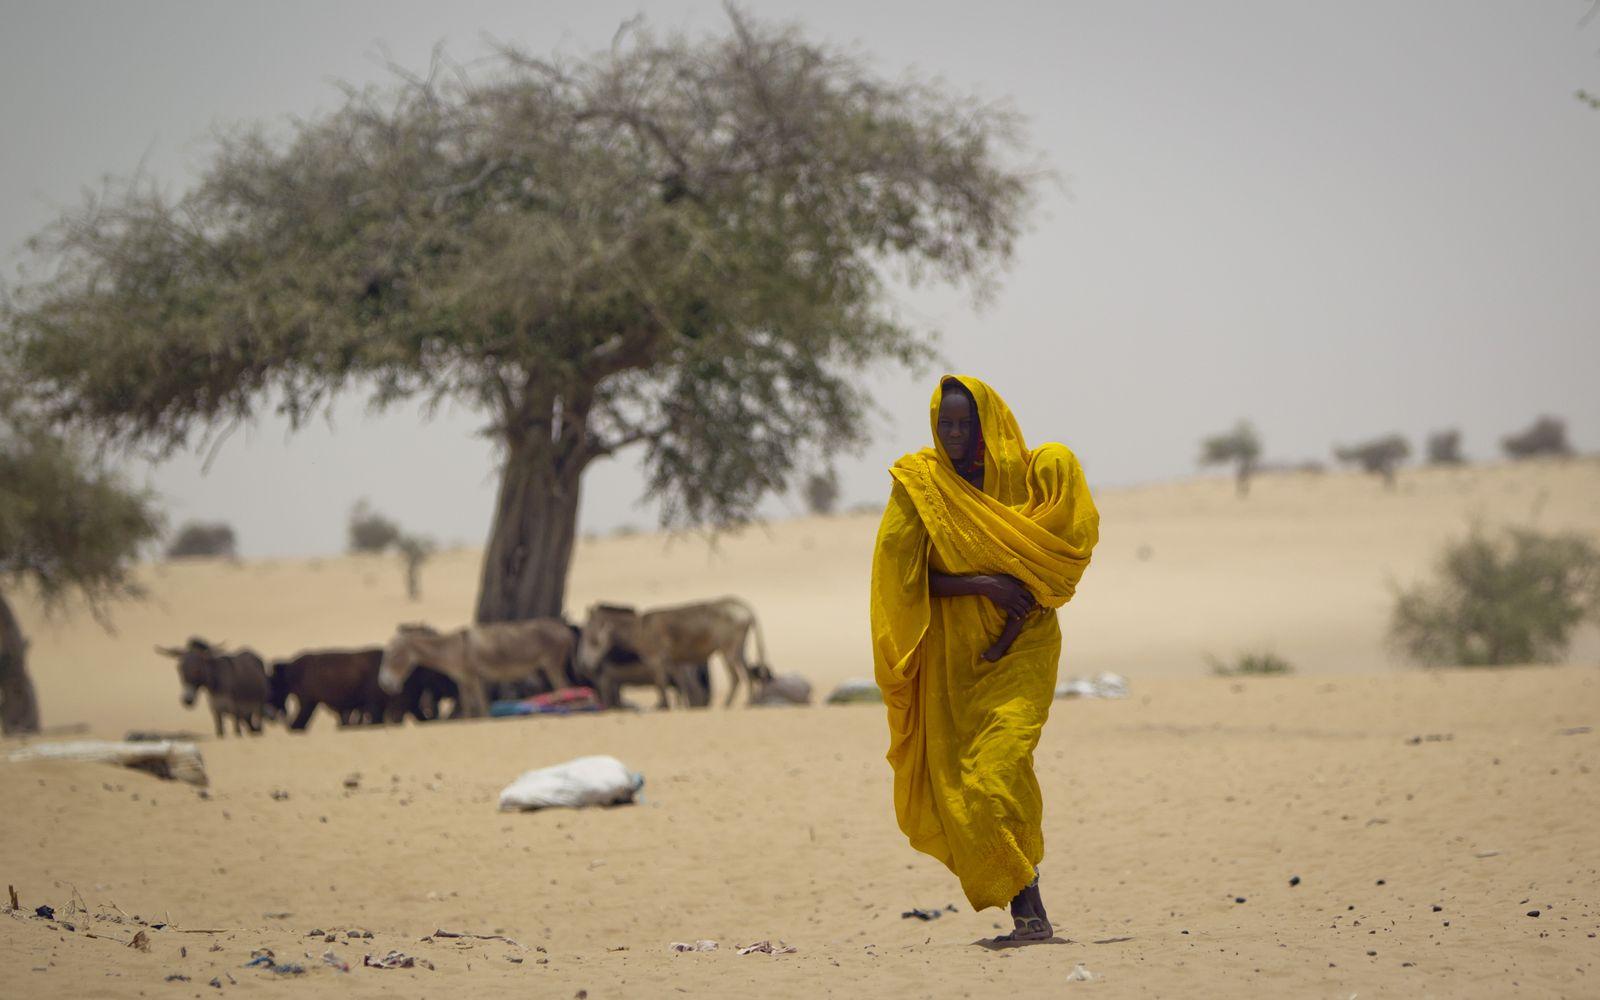 Sahel Zone / Dürre / Klimawandel